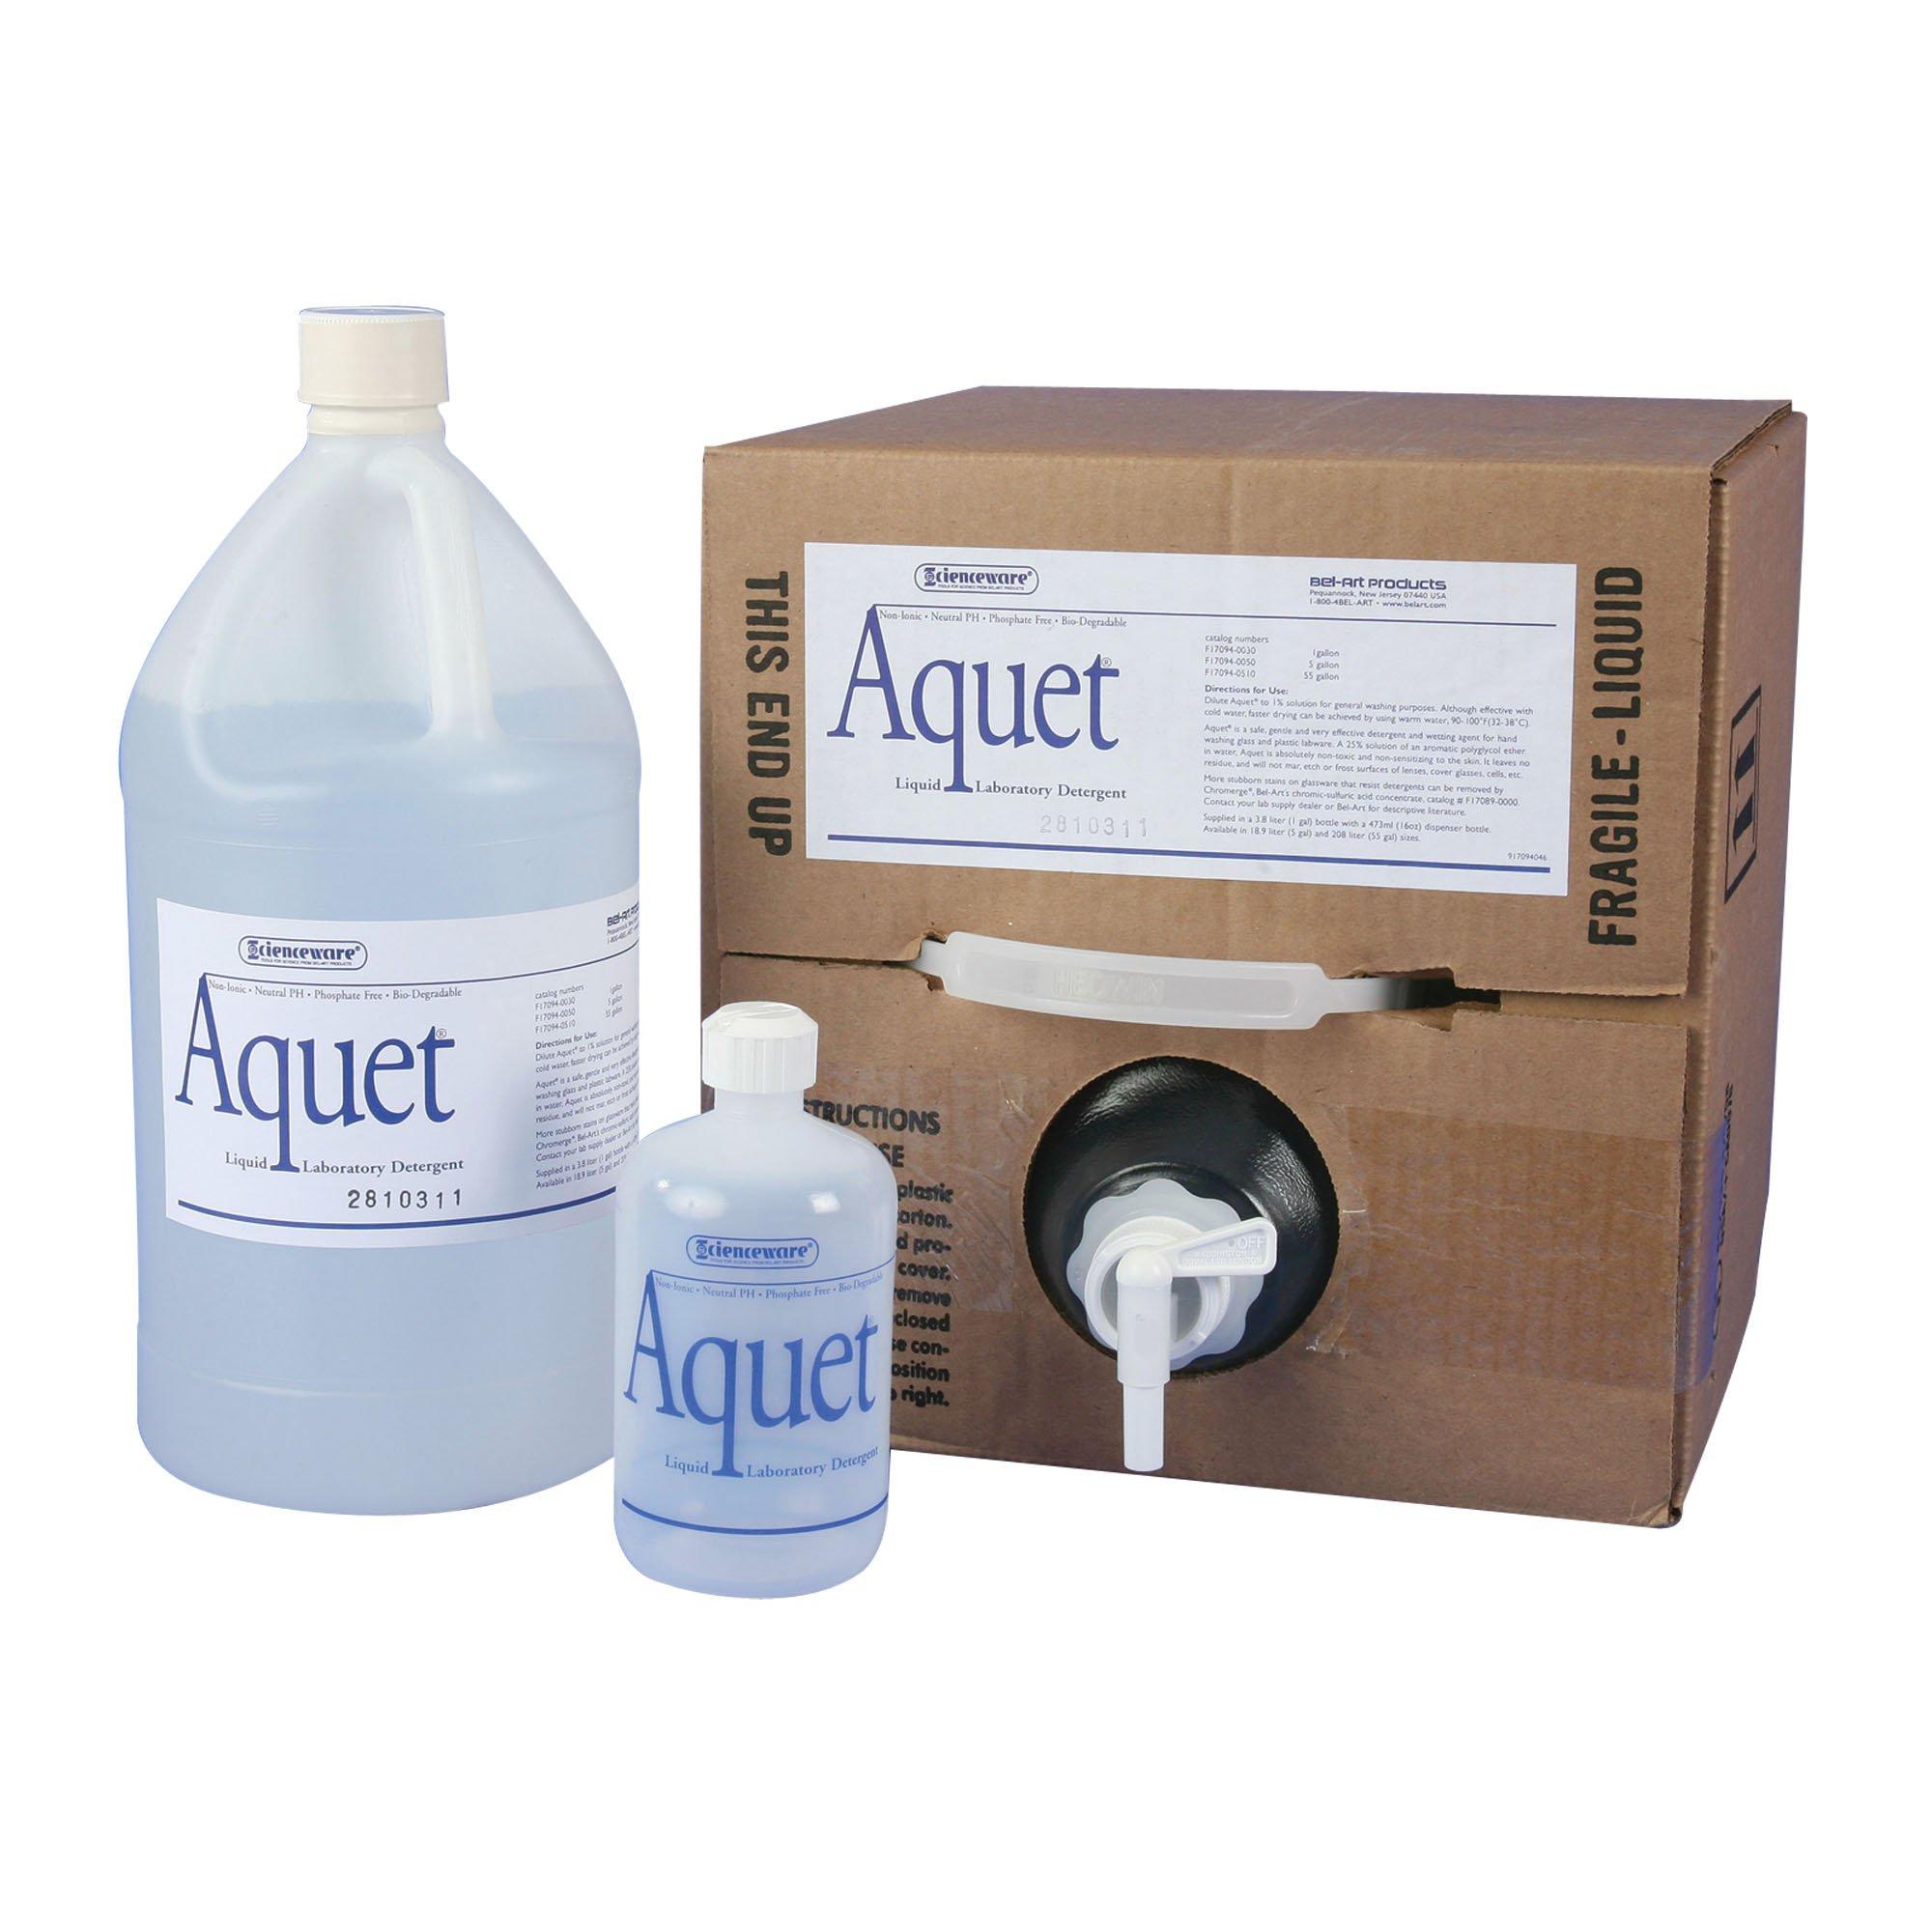 Bel-Art F17094-0050 Aquet Detergent for Glassware and Plastics; 20 Liter Cubitainer